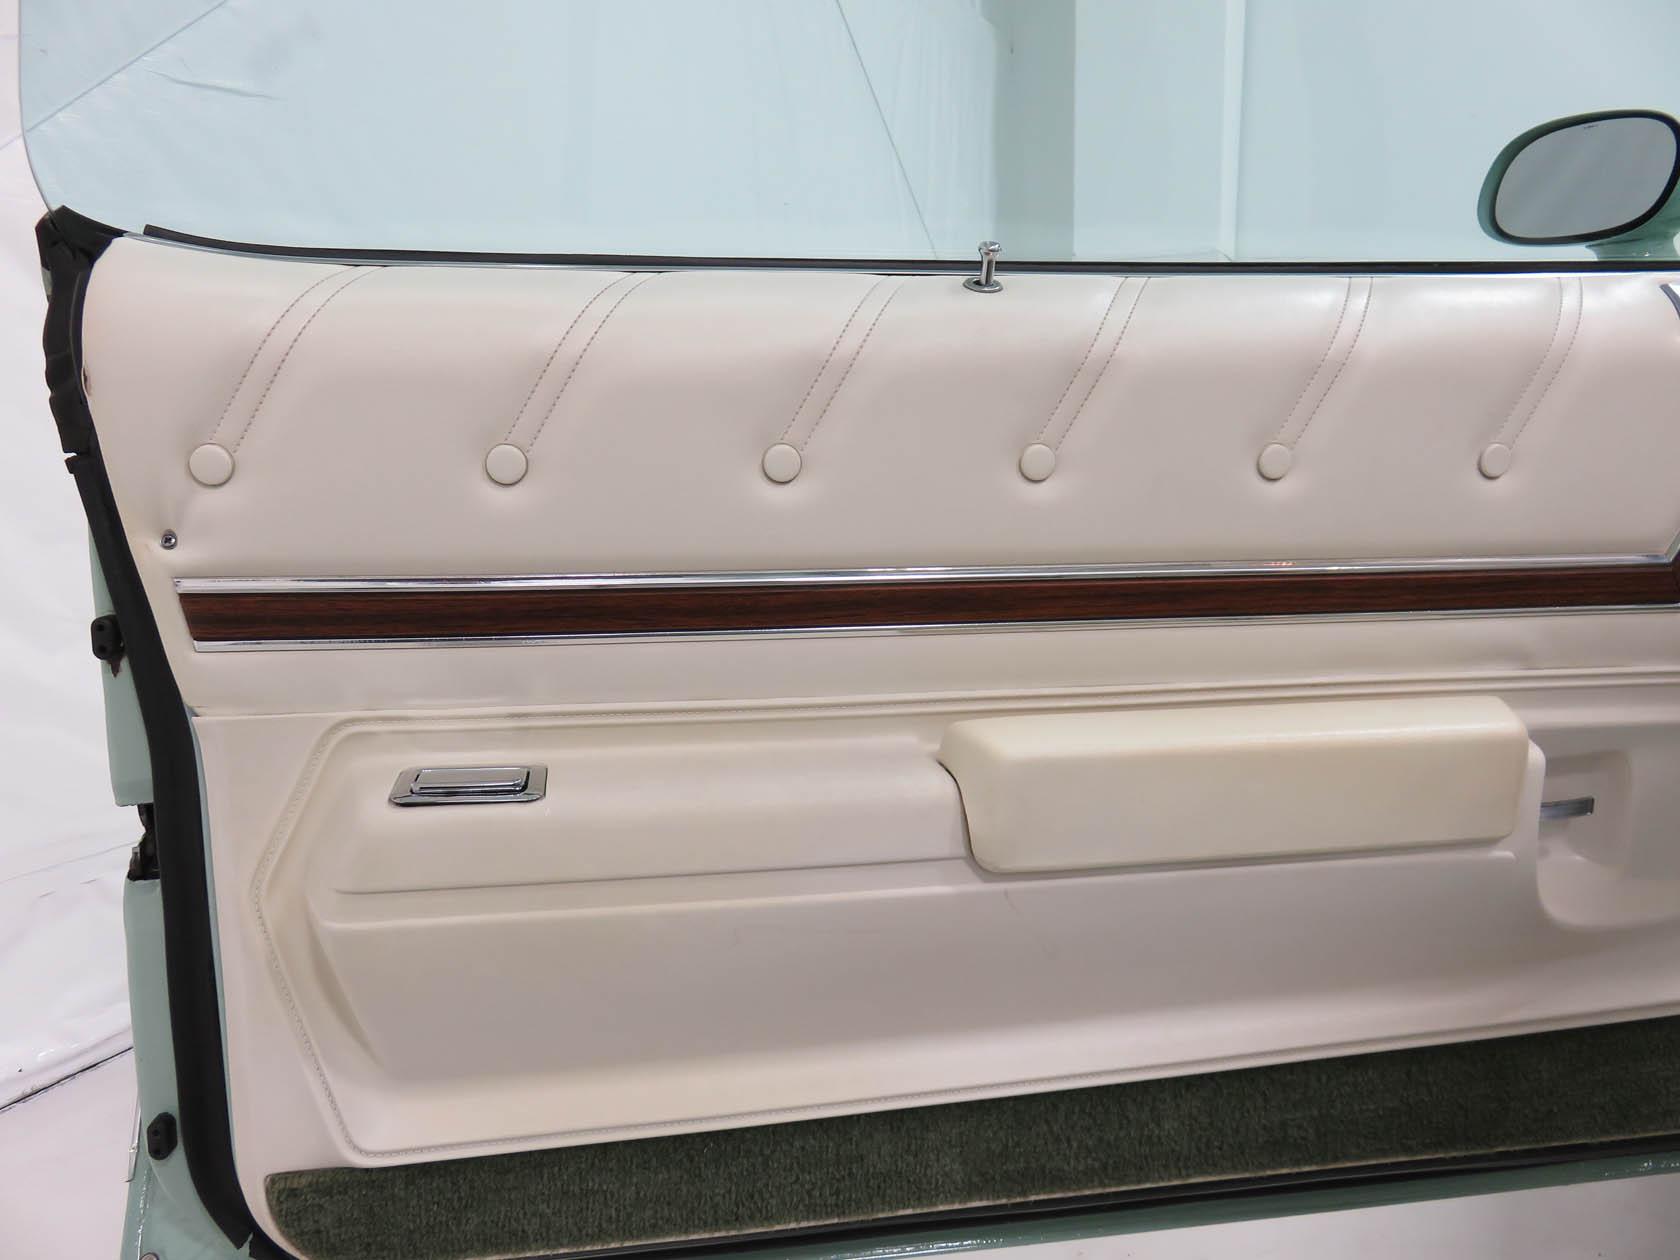 Michael Esposito - 1974 Oldsmobile Cutlasss Supreme 423